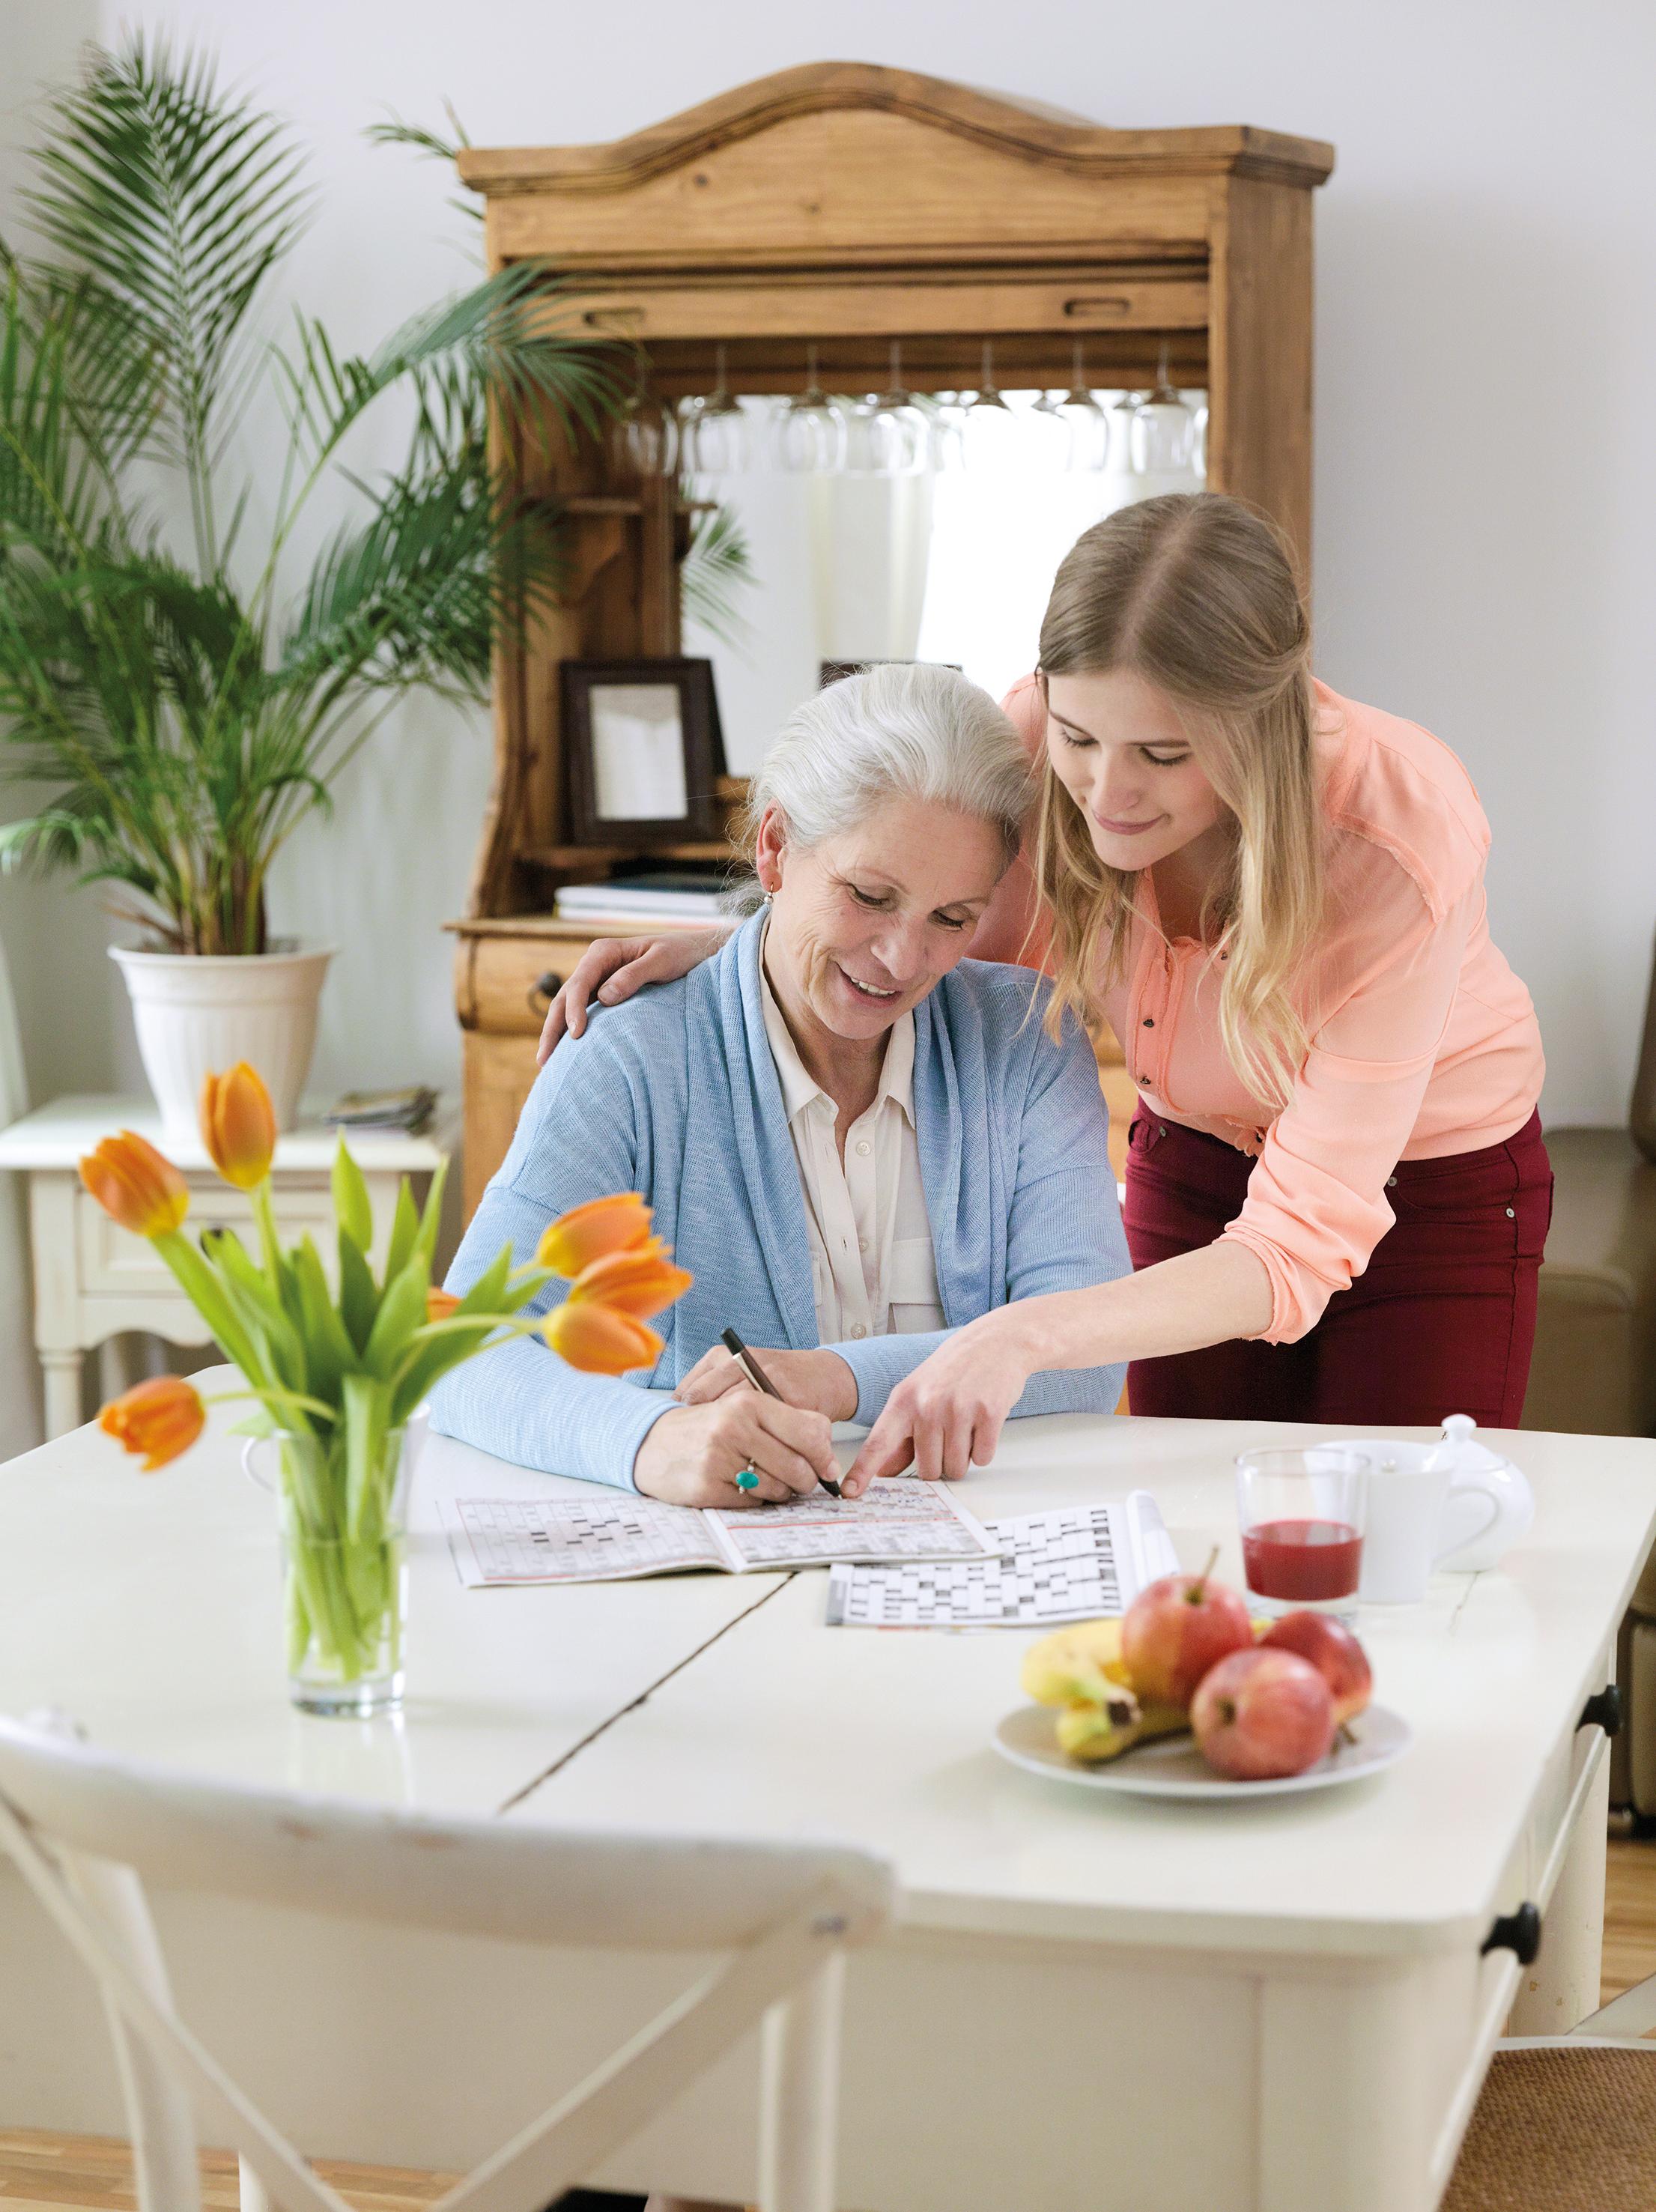 Grossmutter mit Enkelin am Tisch beim Kreuzwortraetsel